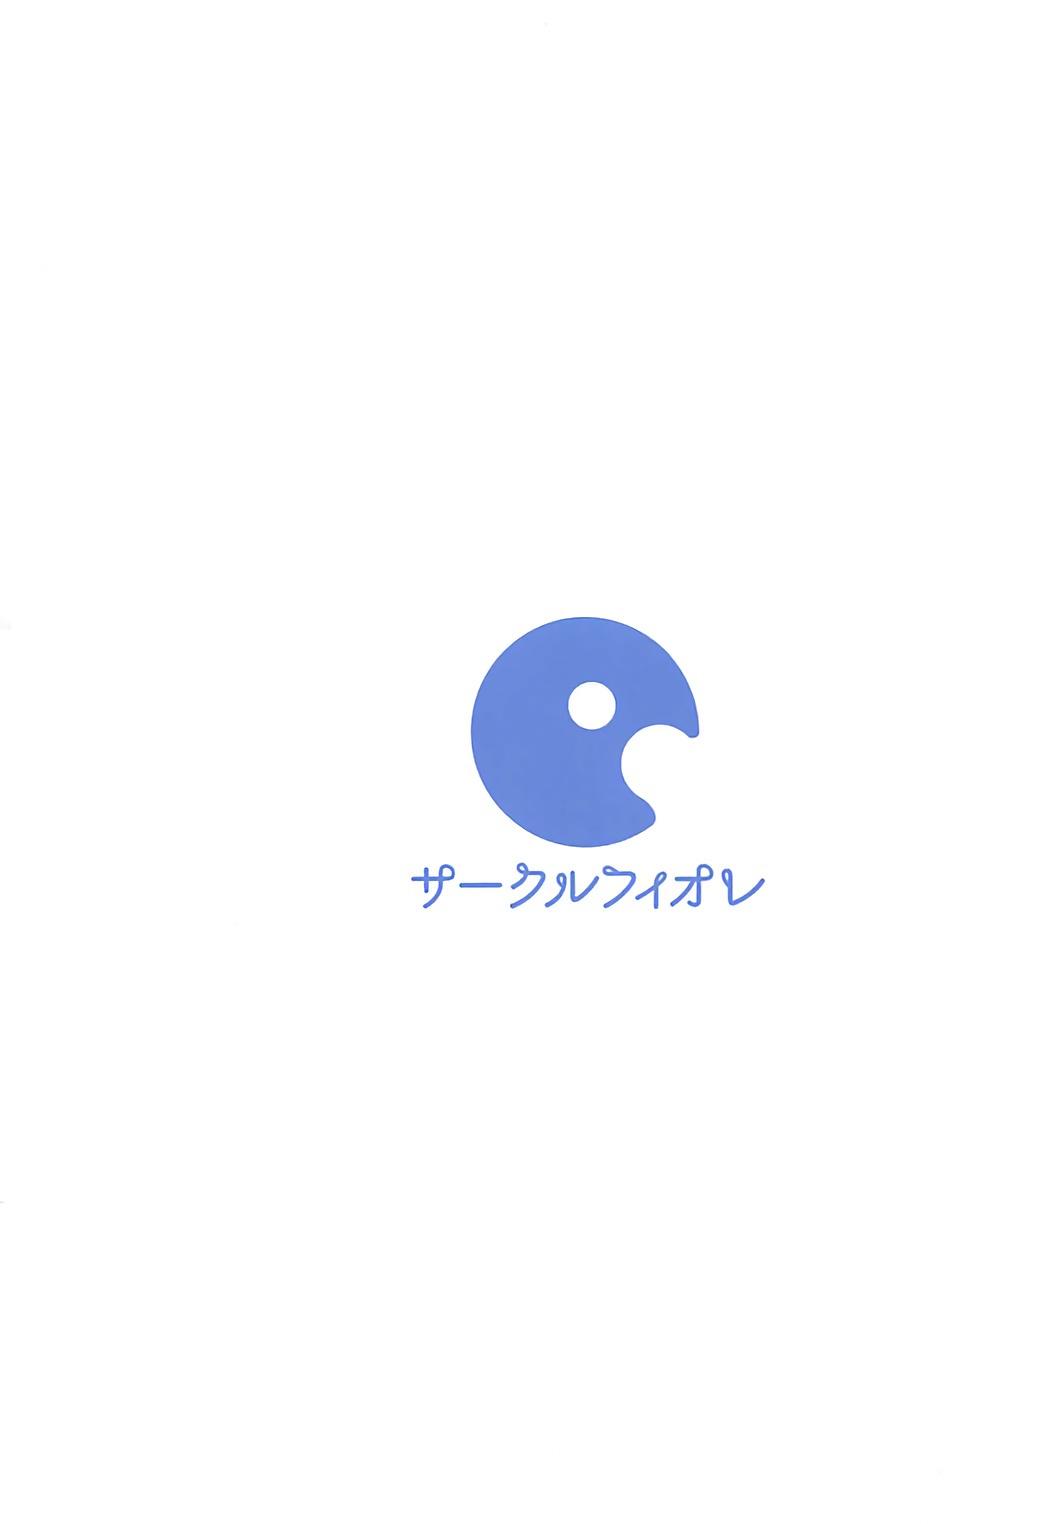 Hình ảnh 39123117045_319693260a_o trong bài viết Otsukaresama desu Shisho